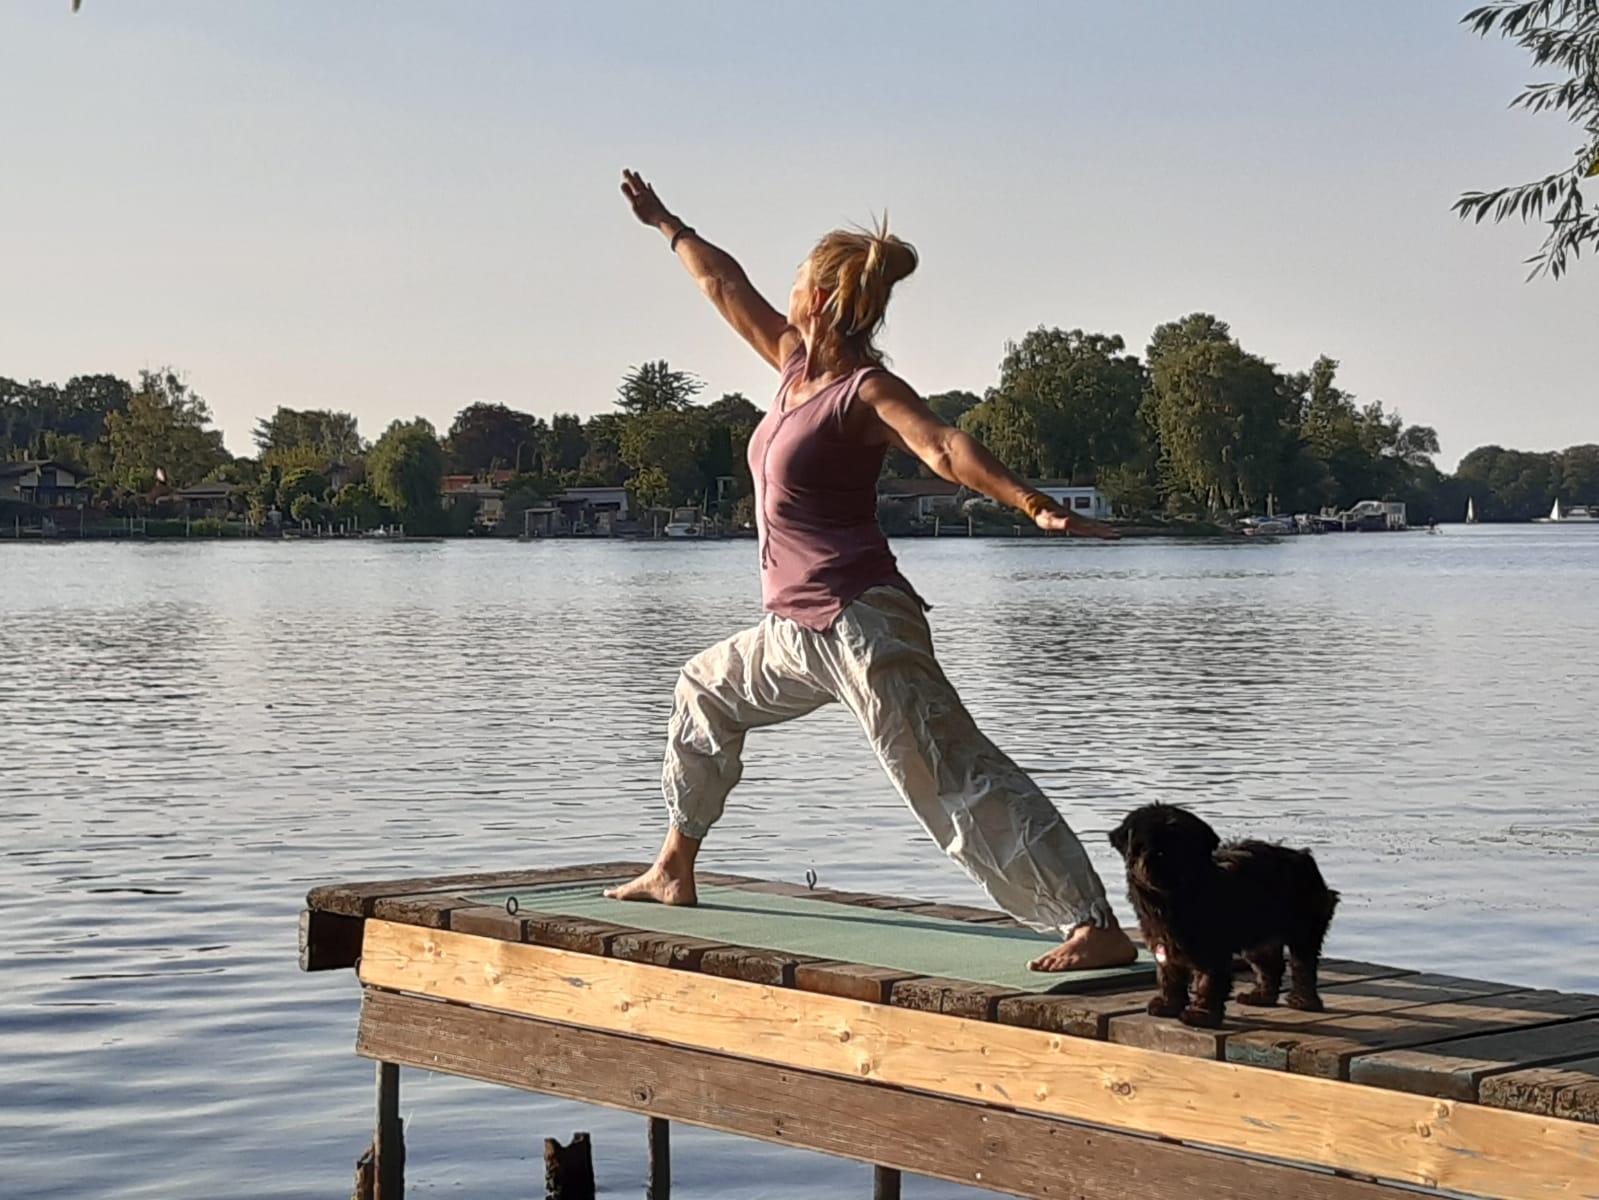 Daniela von Langen macht auf einem Steg eine Yogaübung. Neben ihr steht ein kleiner schwarzer Hund.